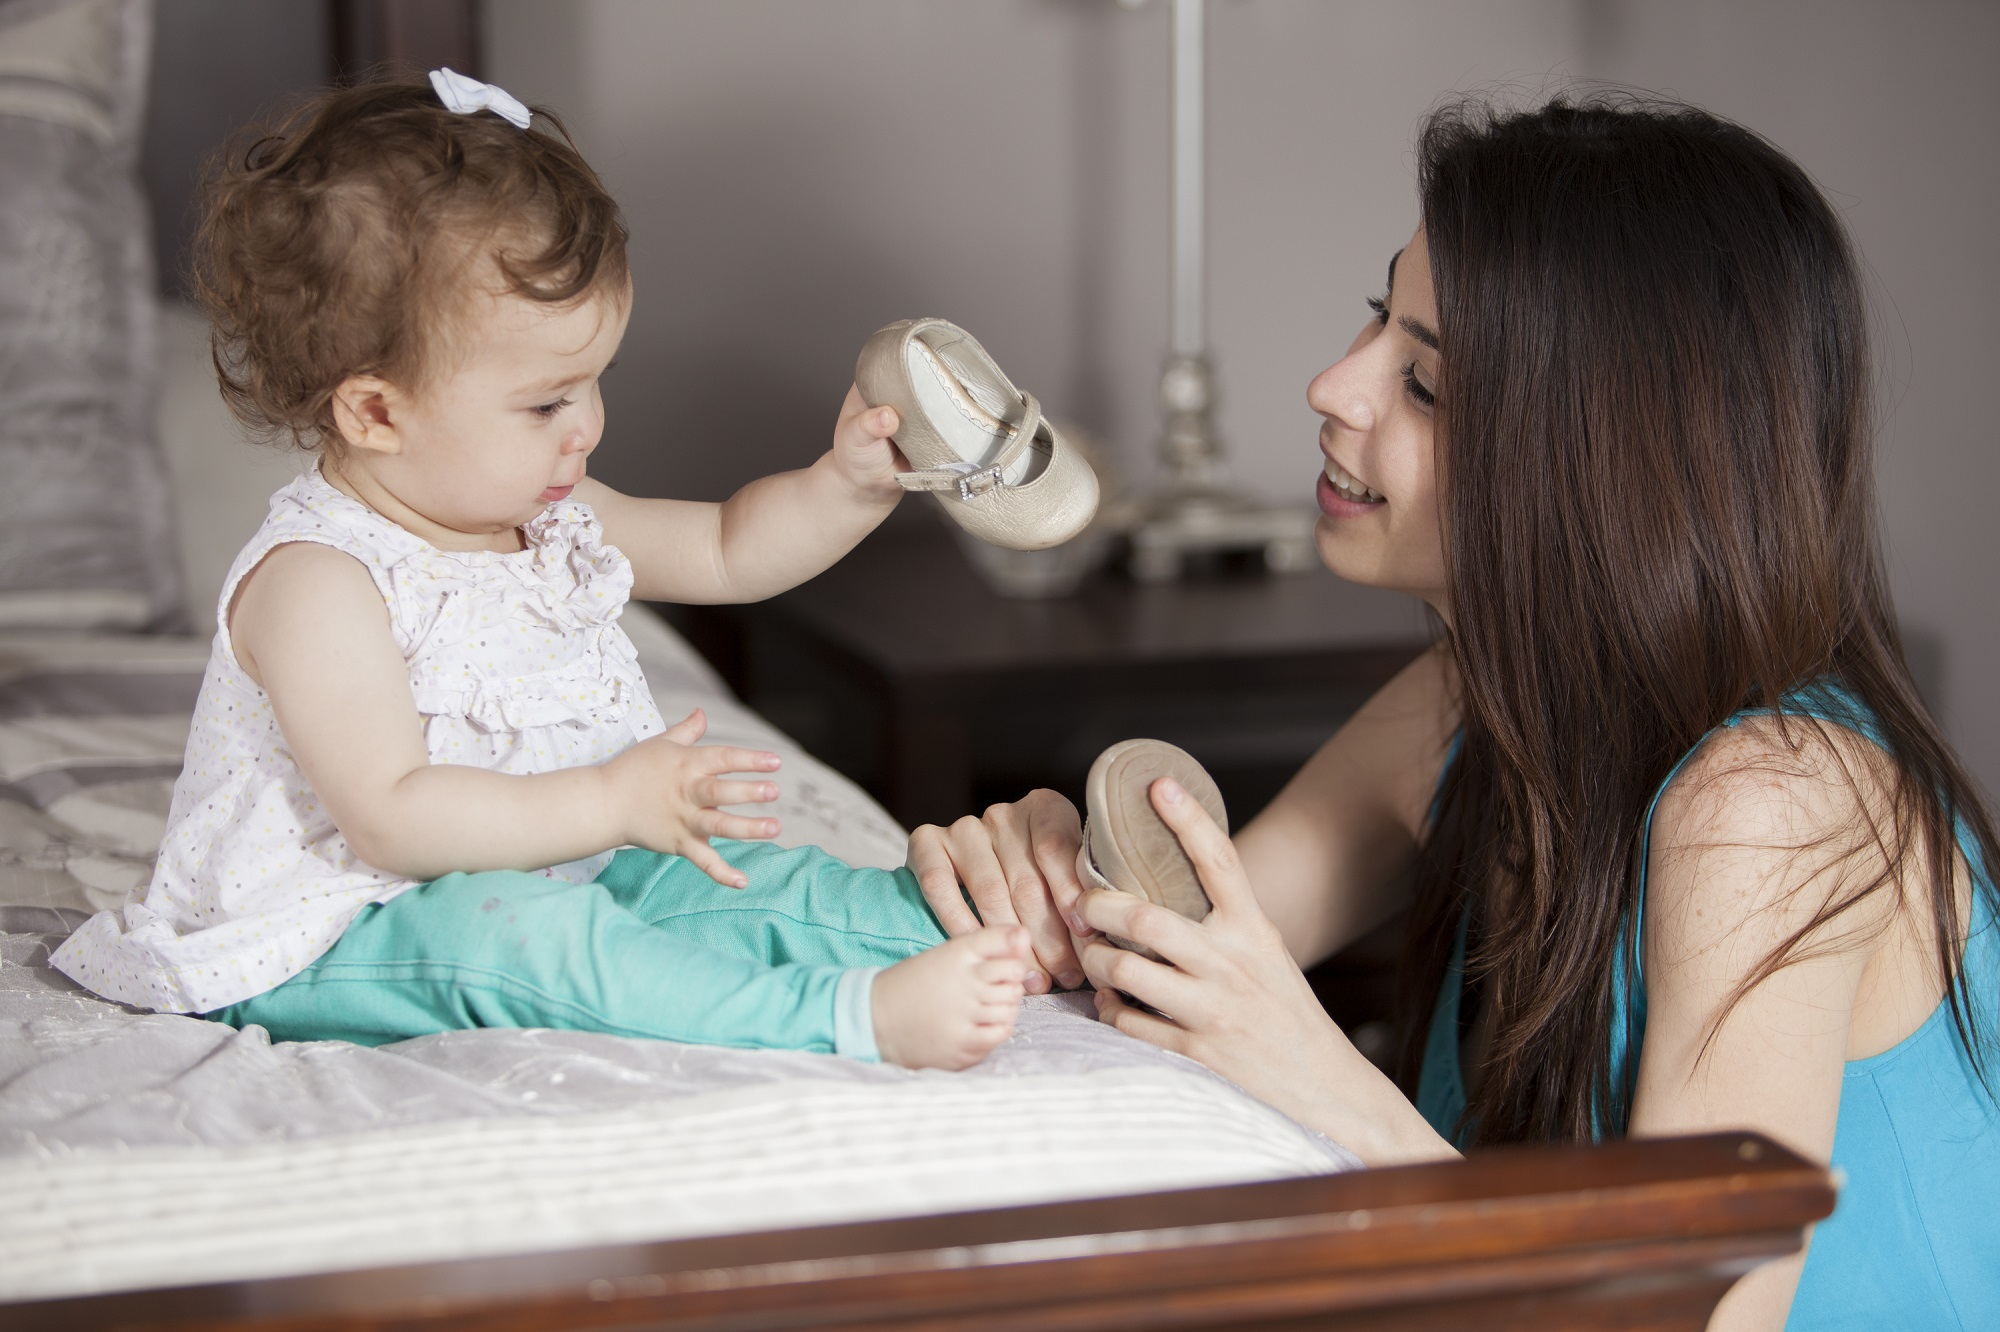 Como cuidar de um bebé: 5 dicas